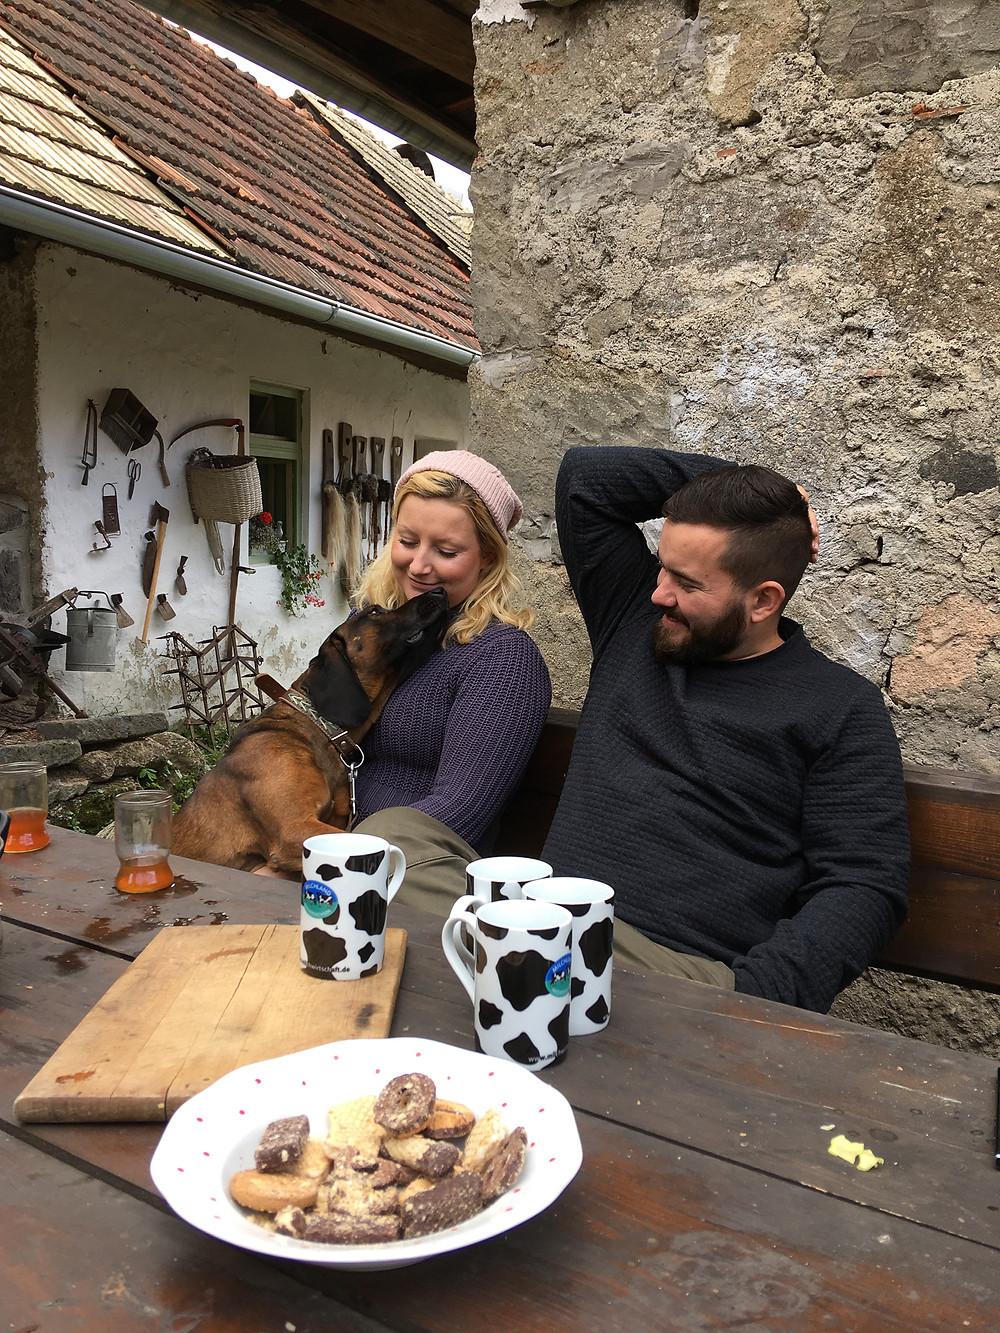 Jakub Dvorsky and Adriana Patkova, founders of the Lisov Museum